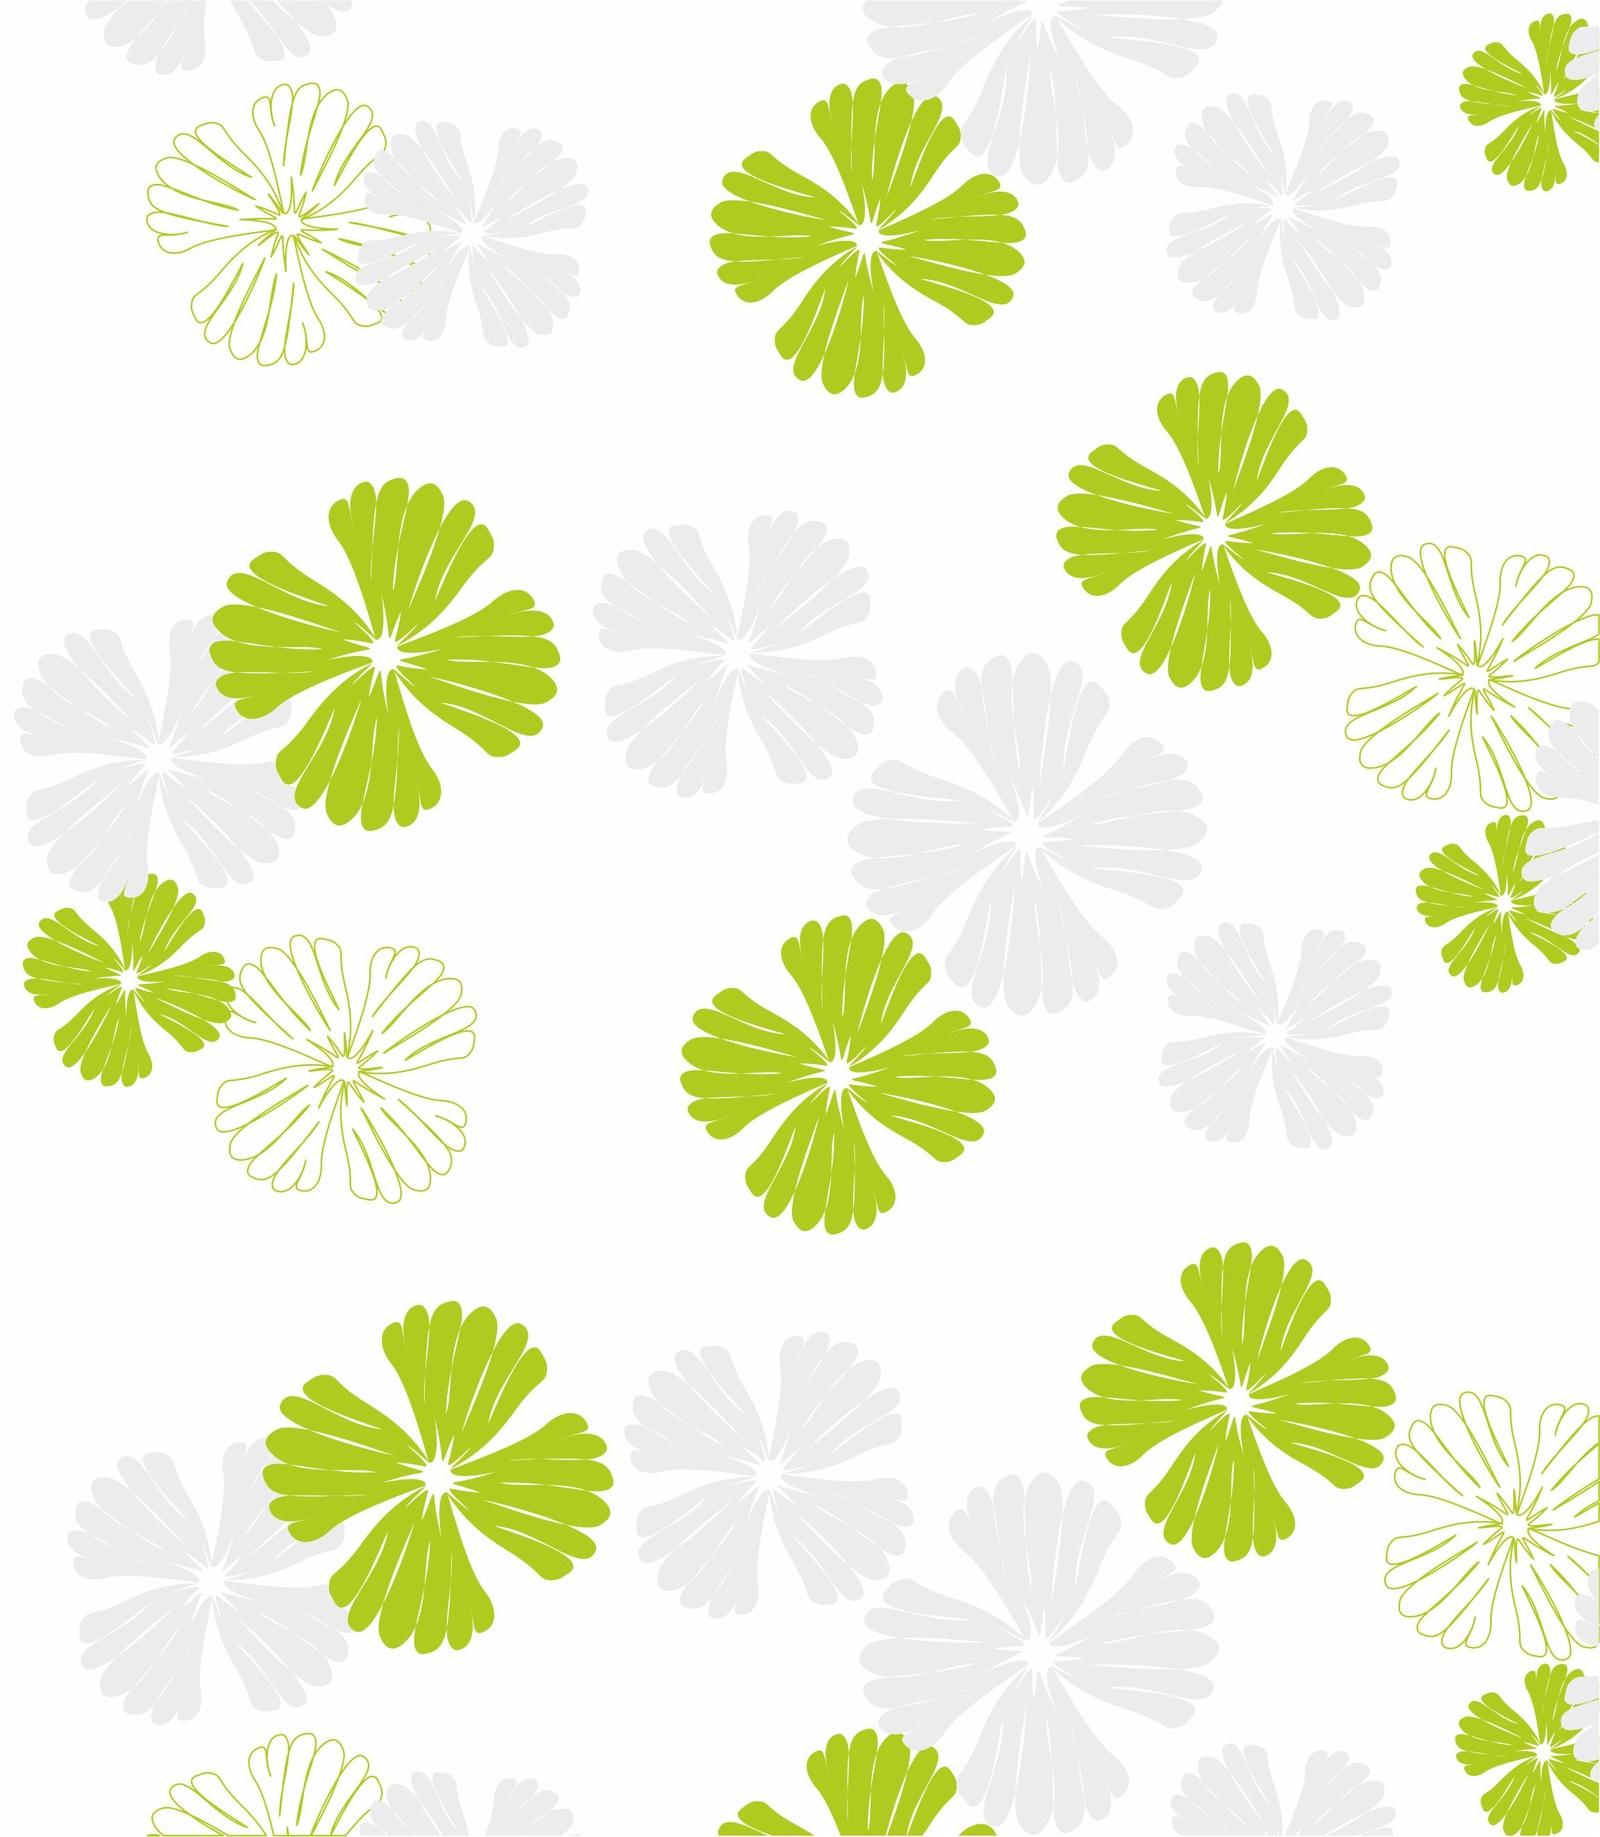 купить Штора для ванной Vanstore Листья, зеленый, белый, серый по цене 479 рублей